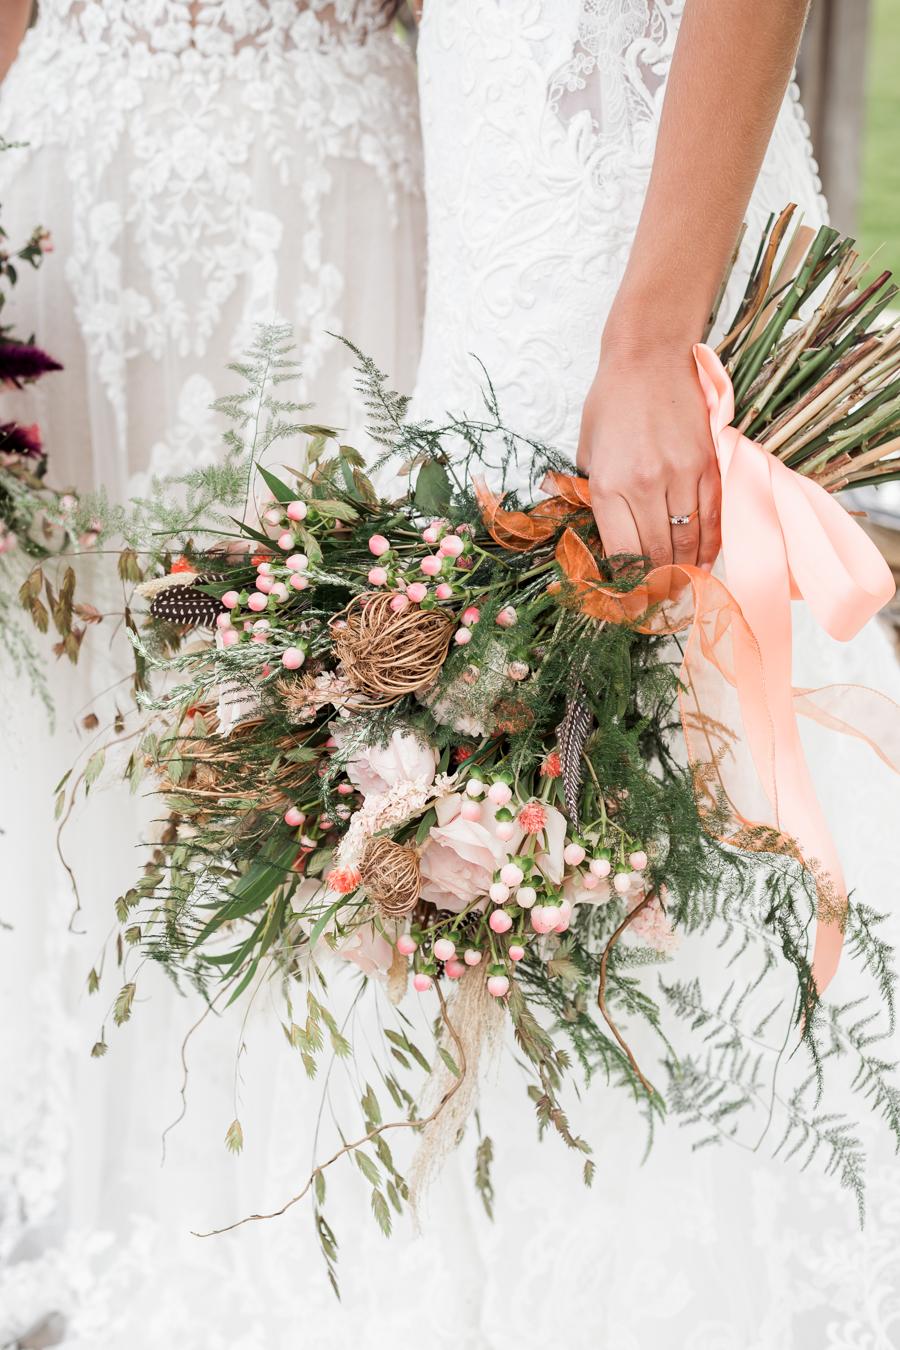 Hertfordshire Boho Themed Styled Wedding Shoot, photographer credit Absolute Photo UK (20)